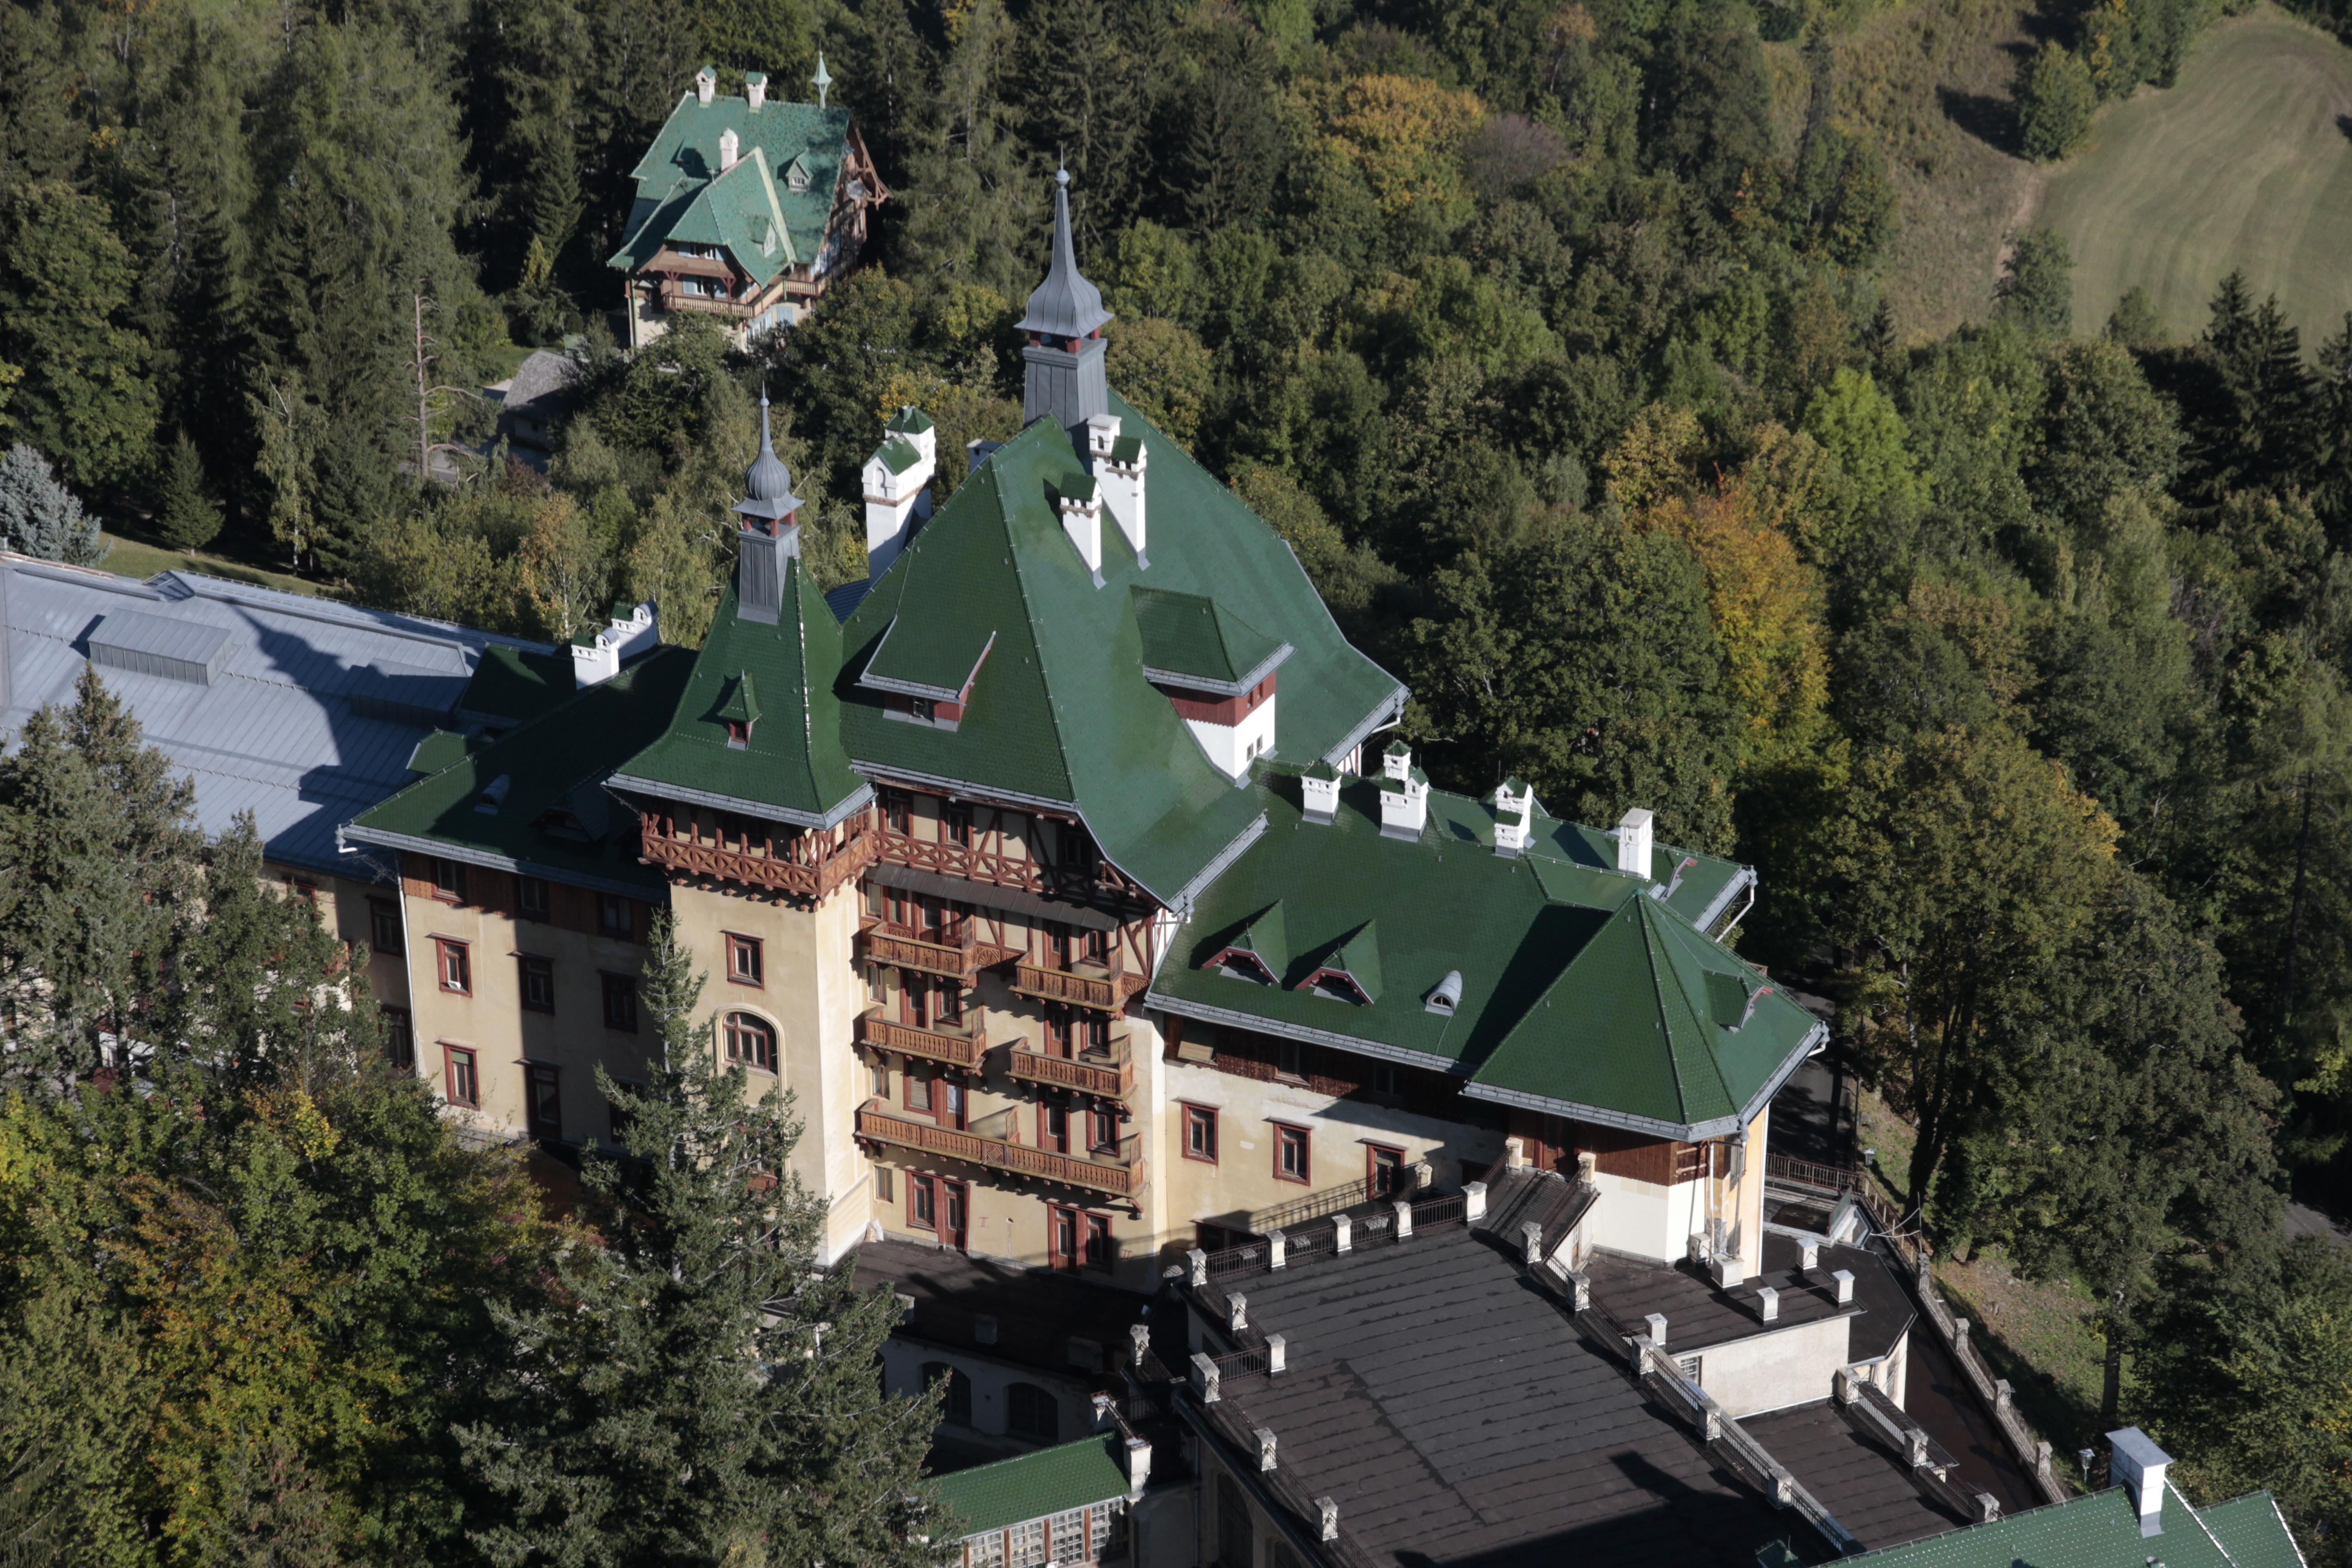 SBH Dachimpressionen I_Hintergrund Attersee Villa